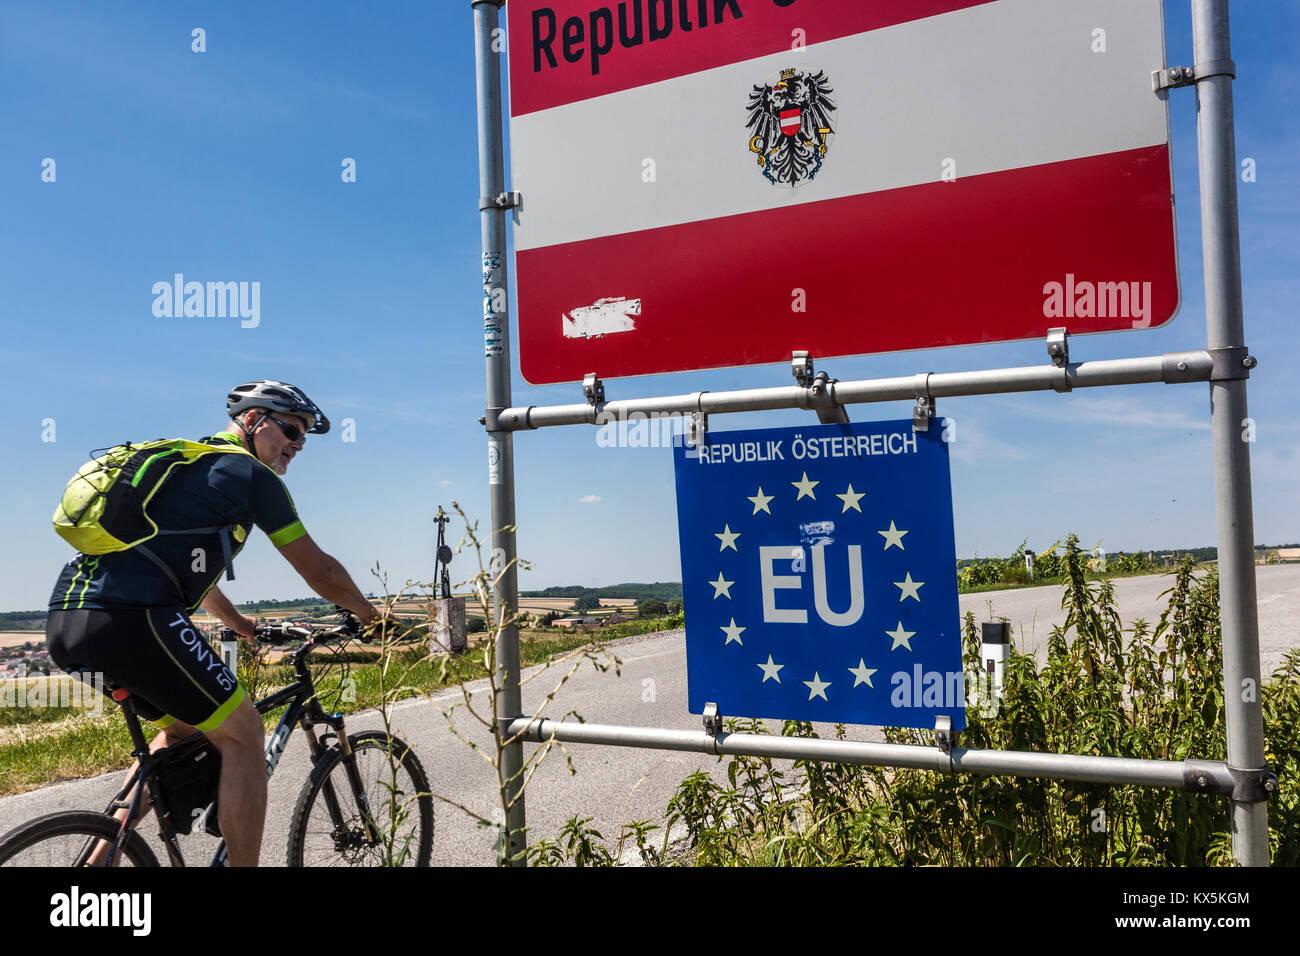 Grenze, Österreich, Europäische Union, Europa Stockbild